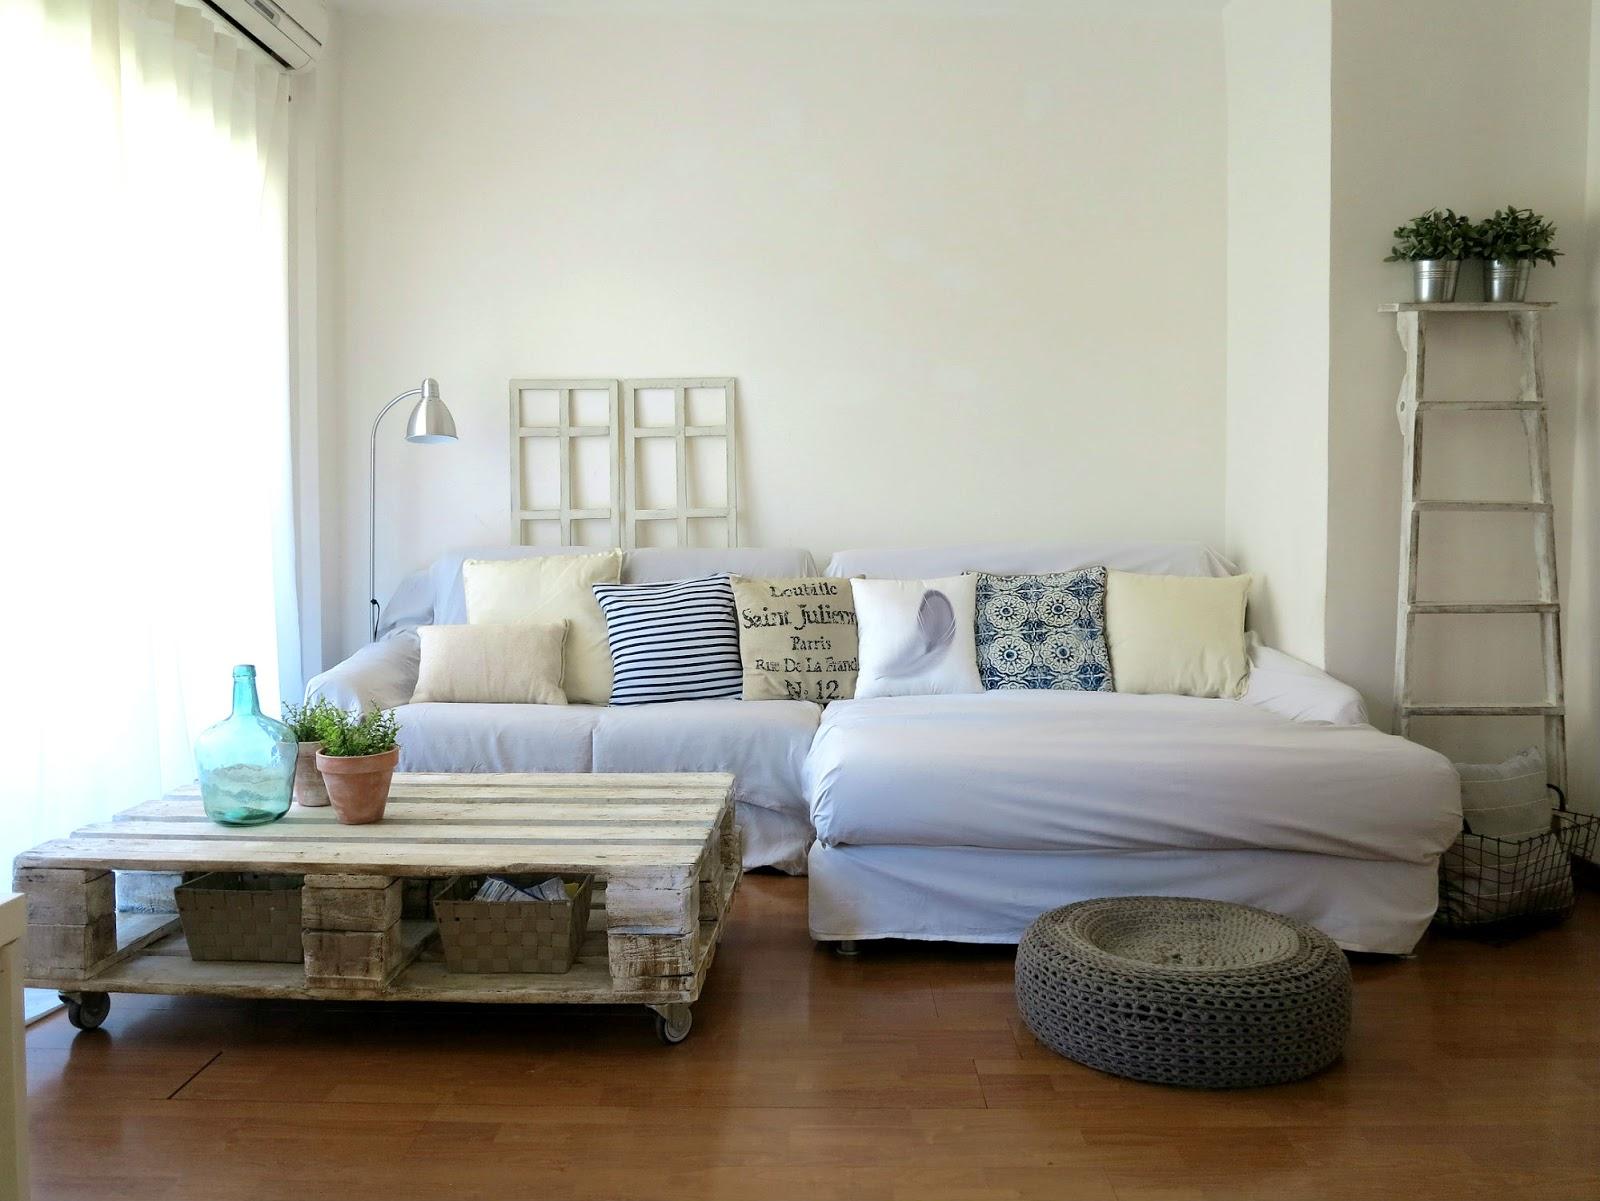 Rocco en mi sofa decora tu sal n para el verano - Cojines de salon ...